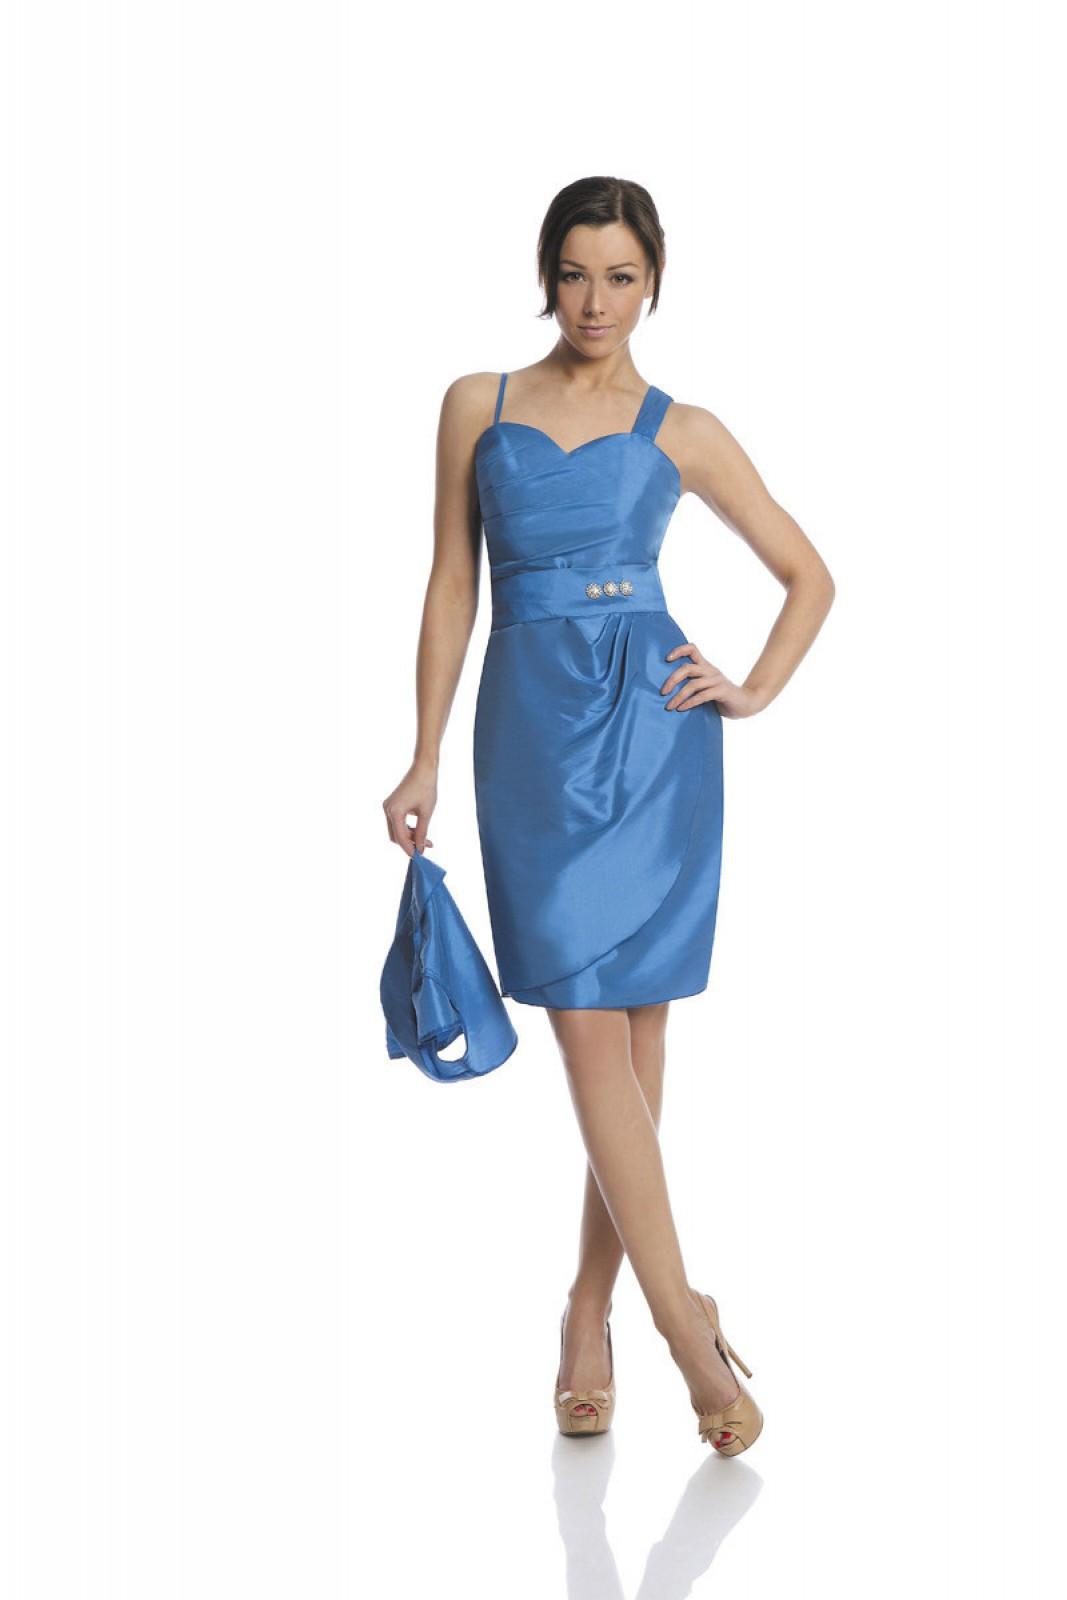 Ziemlich Hellblau Partykleid Fotos - Brautkleider Ideen ...